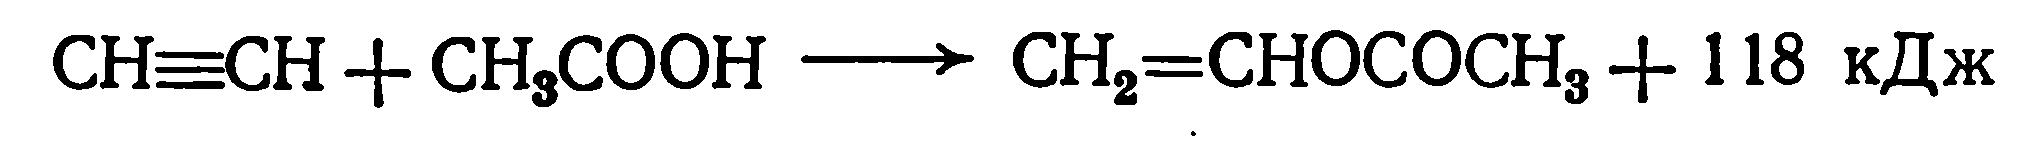 получение винилацетата из ацетилена и уксусной кислоты